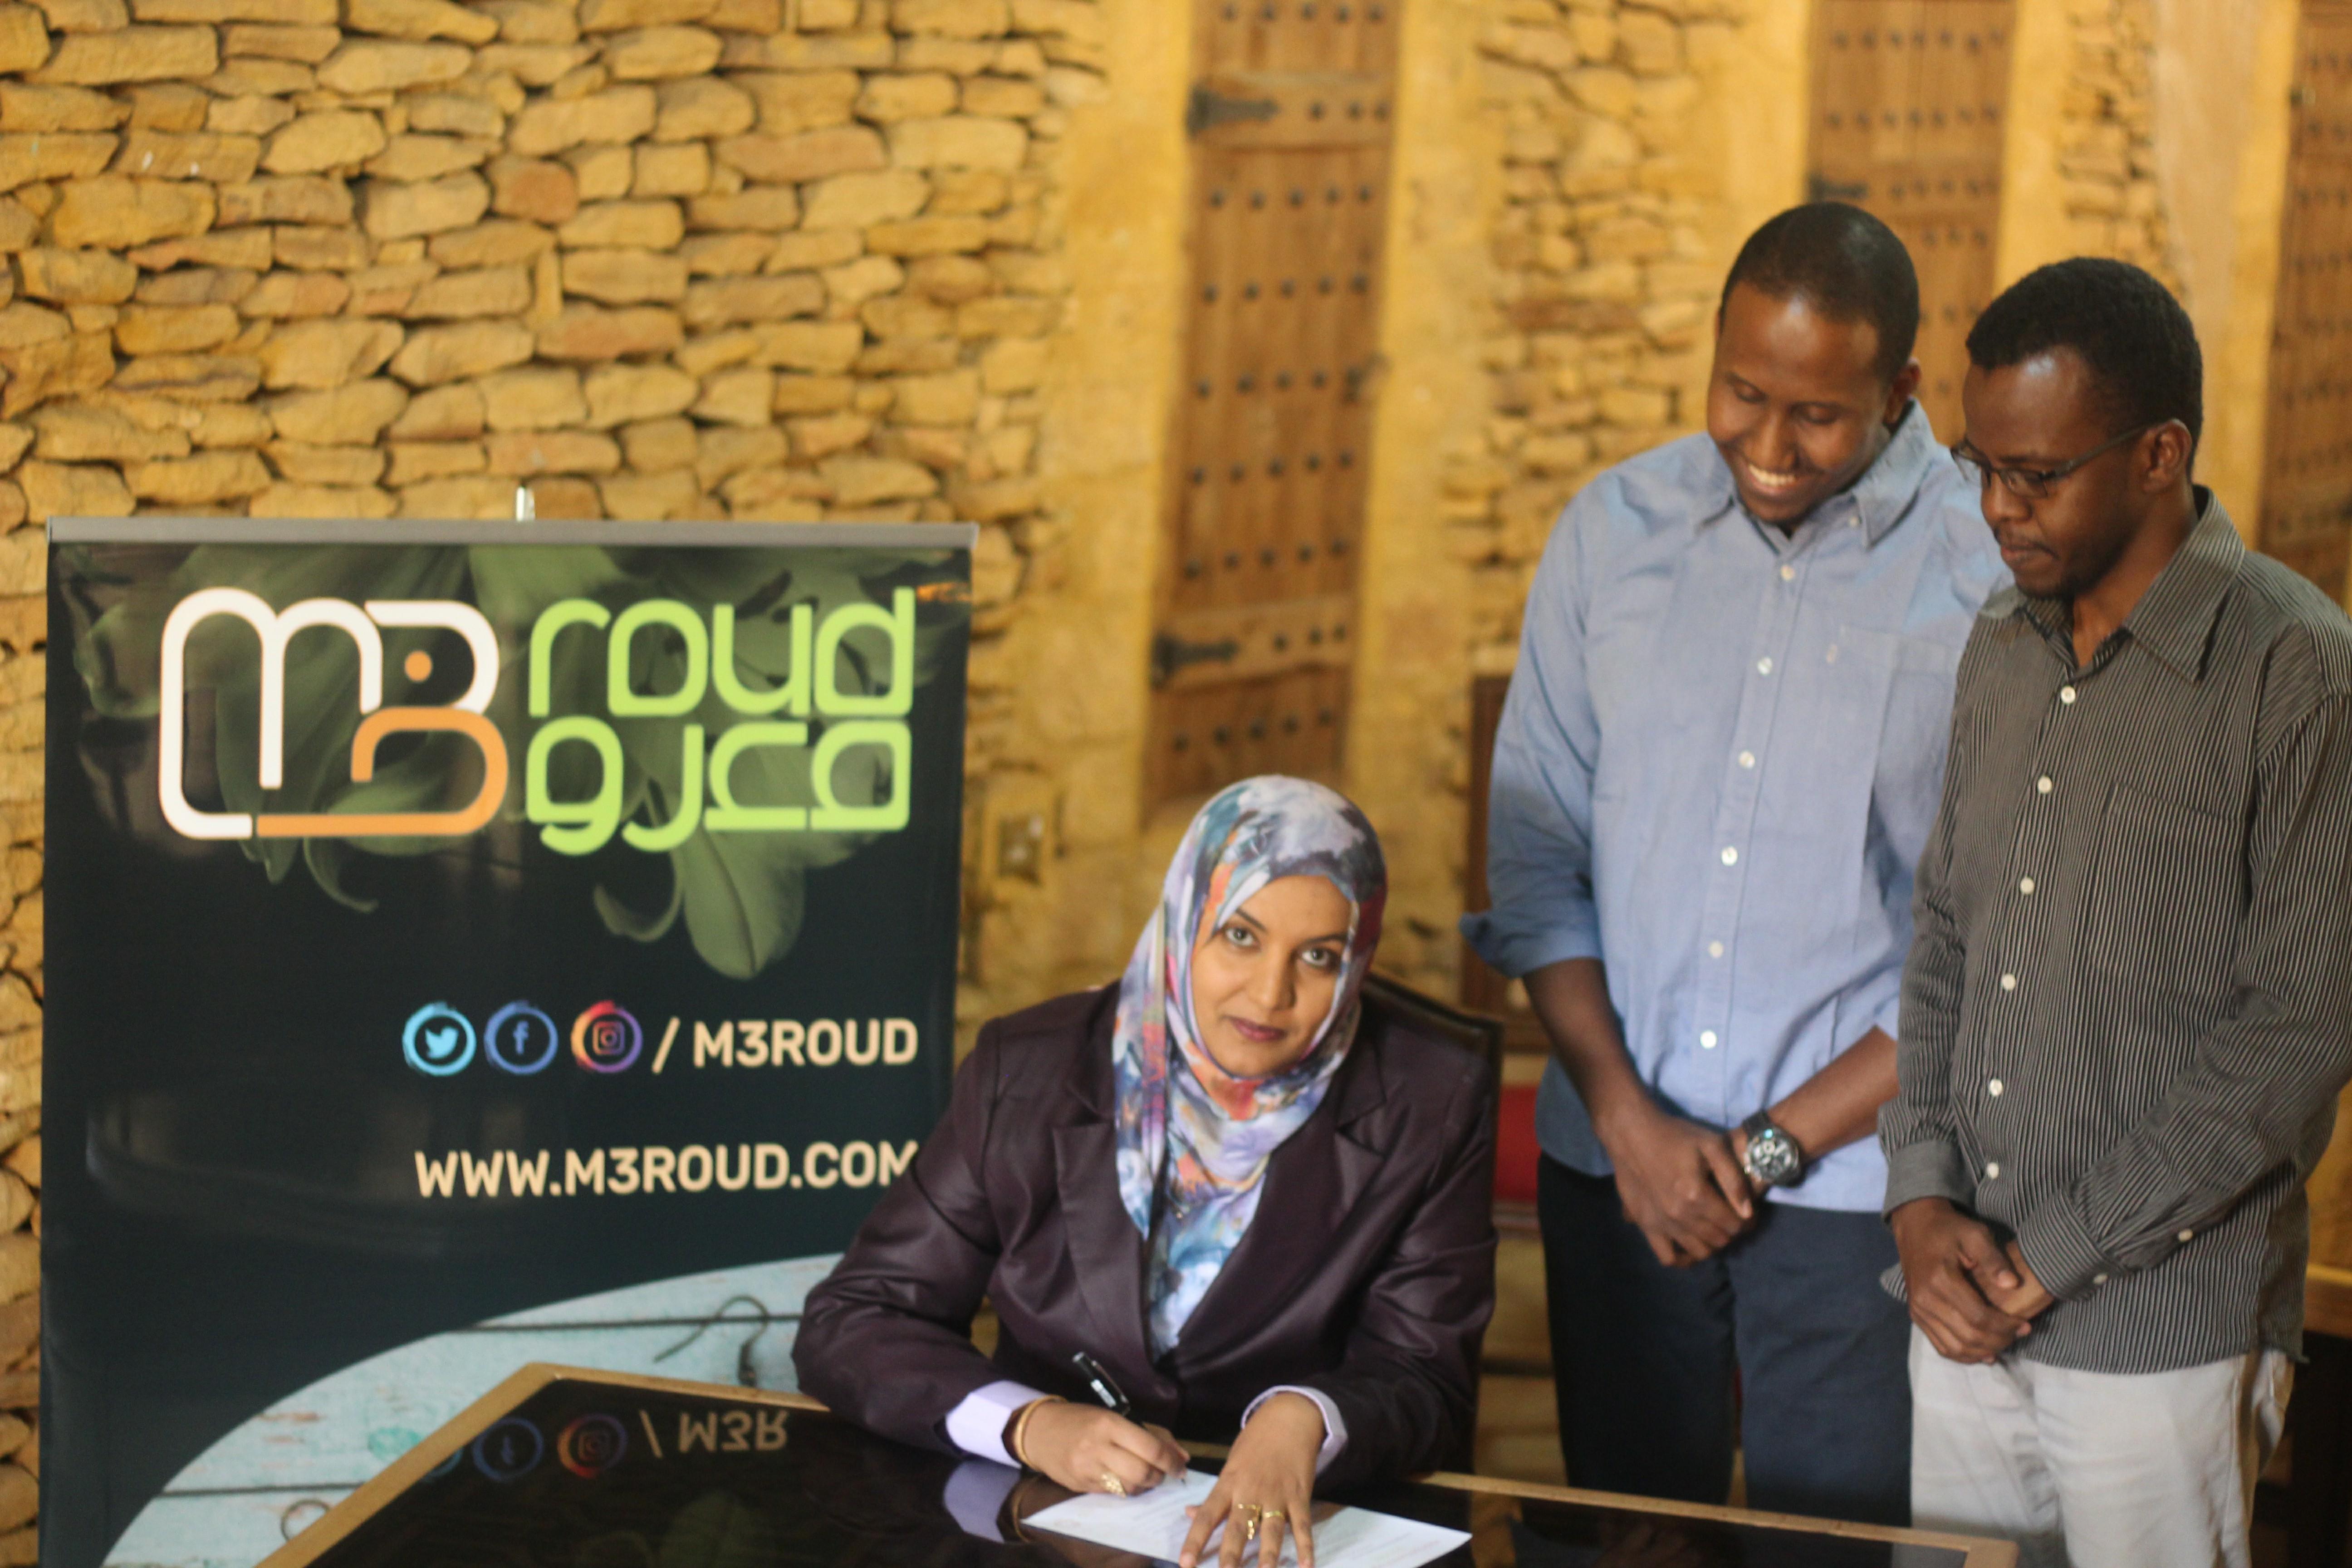 AMC Group Sudan Acquires M3roud.com